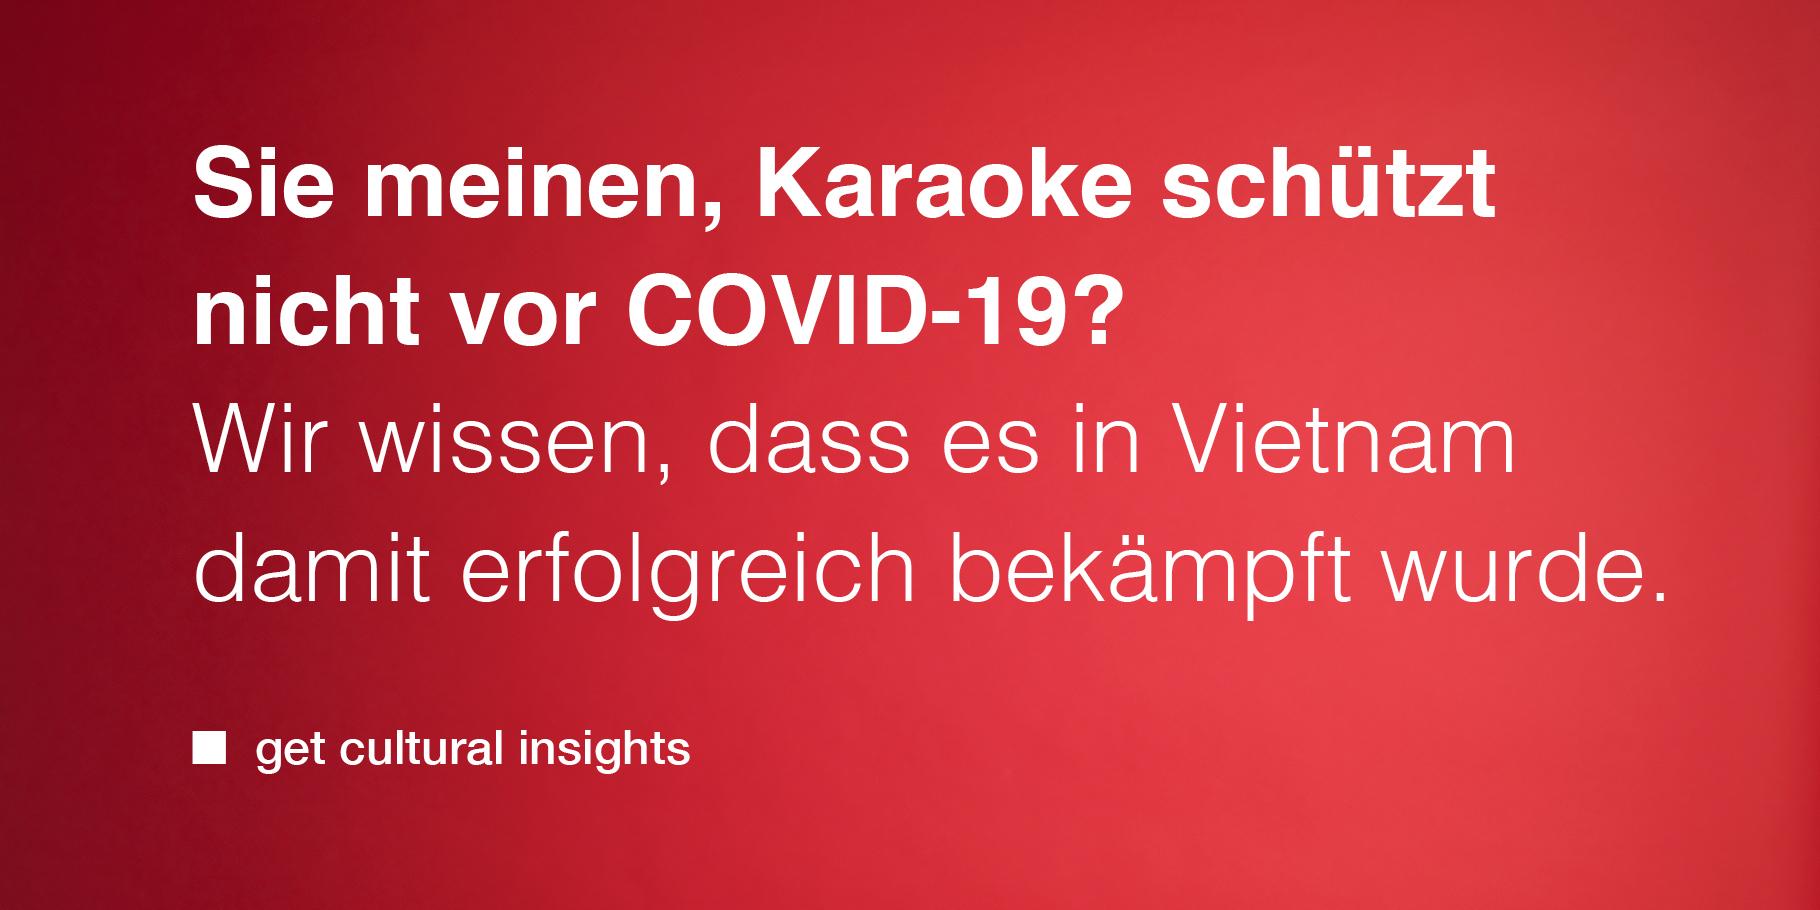 Karaoke schützt vor COVID-19